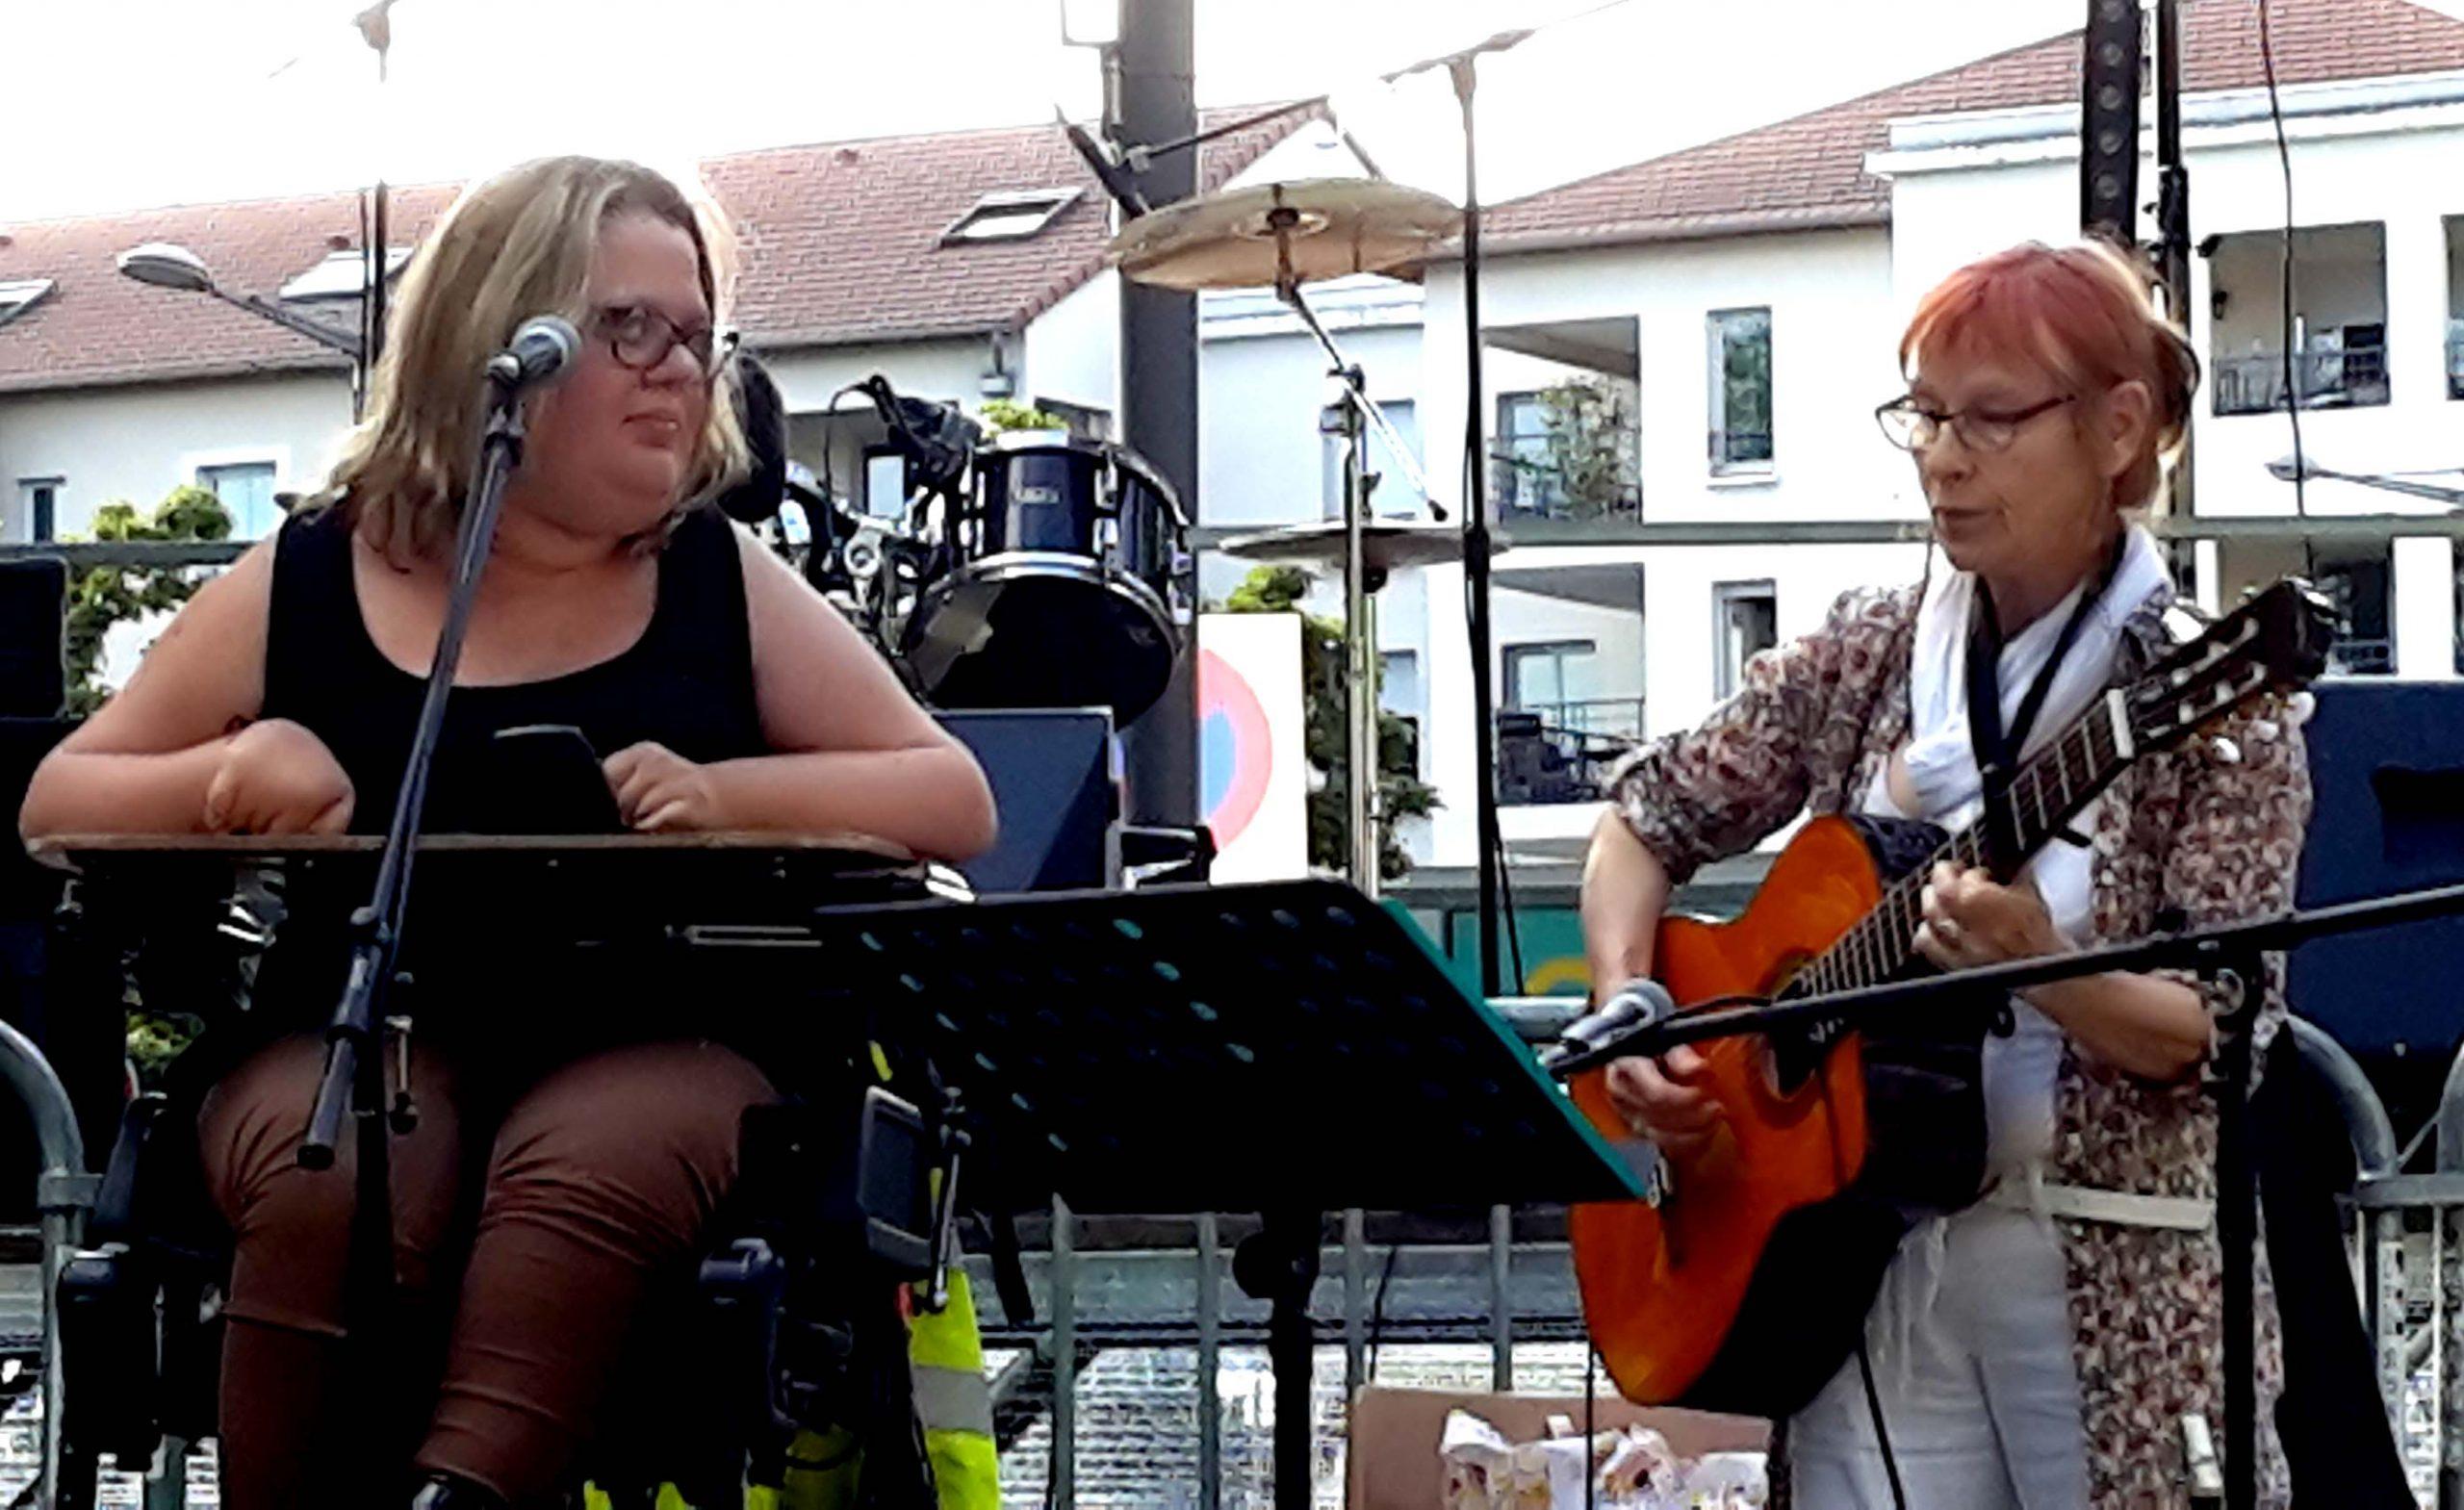 Elisa lors de la fête de la musique en 2016. Elle est sur scène aux côtés de Marie-Agnès, intervenante chez Léthé Musicale.